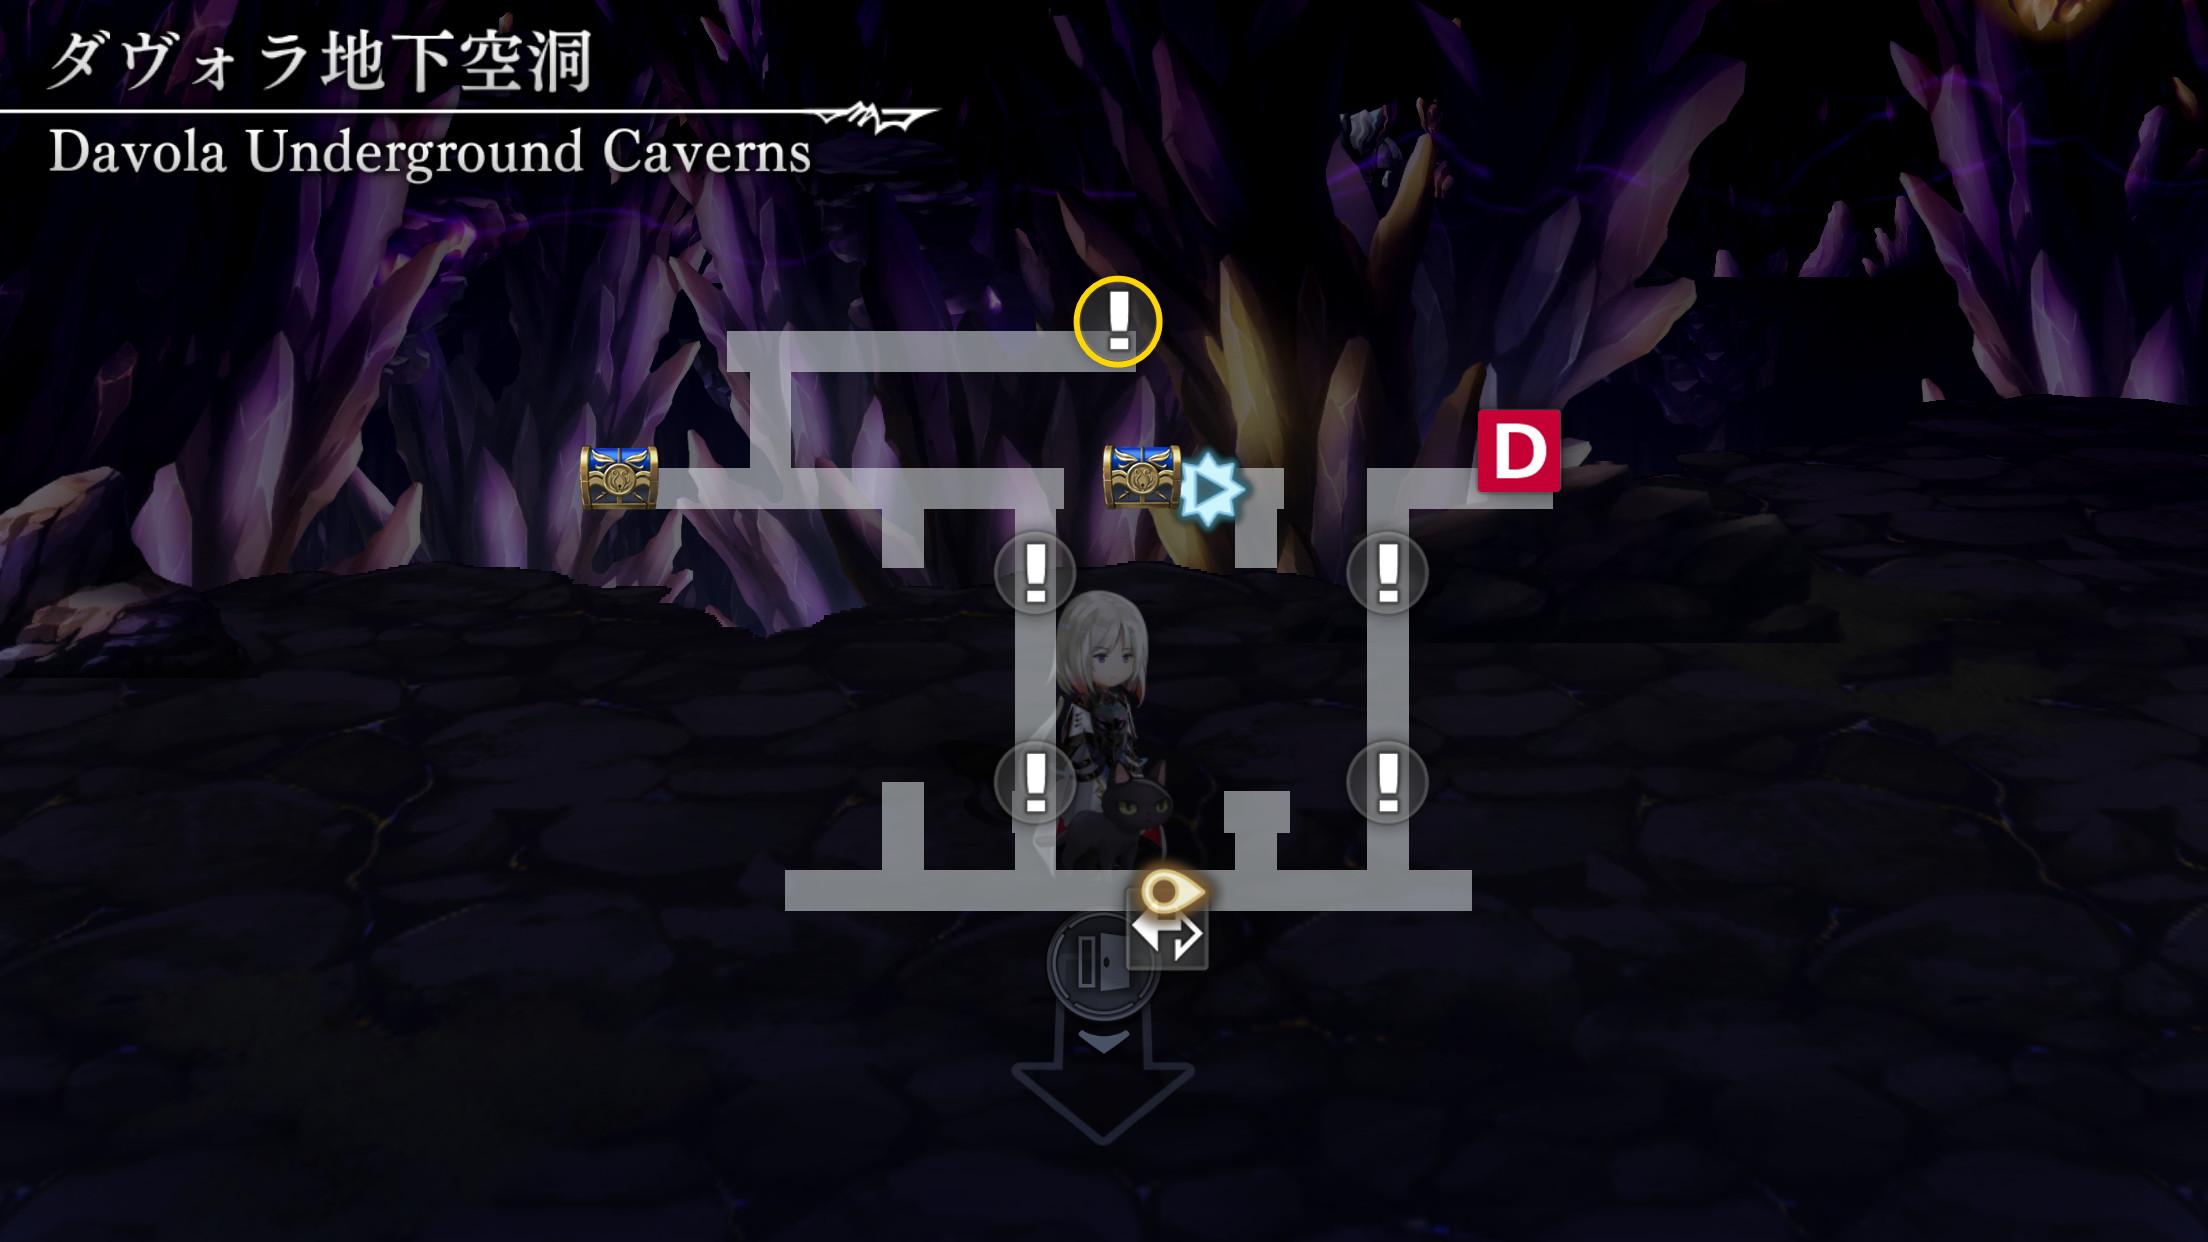 ダヴォラ地下空洞ストーリーマップ4